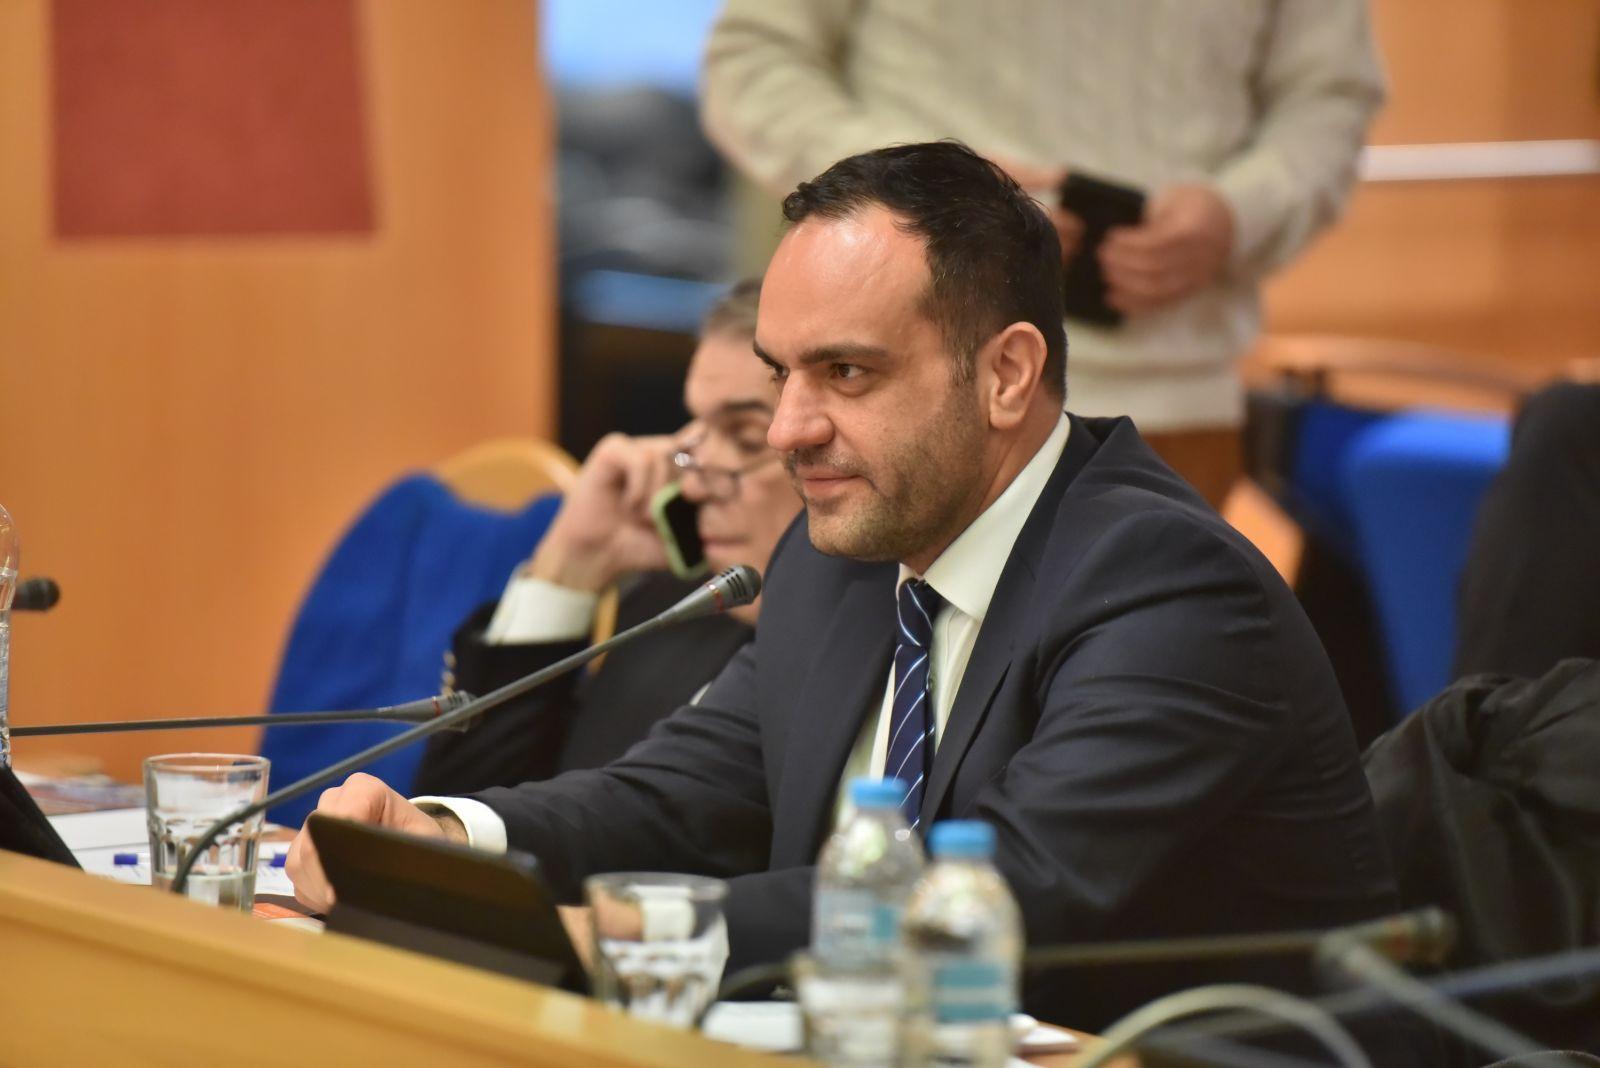 (vid) Η εισήγηση του Δημάρχου Μυκόνου στο Δ.Σ. της ΚΕΔΕ για τα Λιμενικά Ταμεία